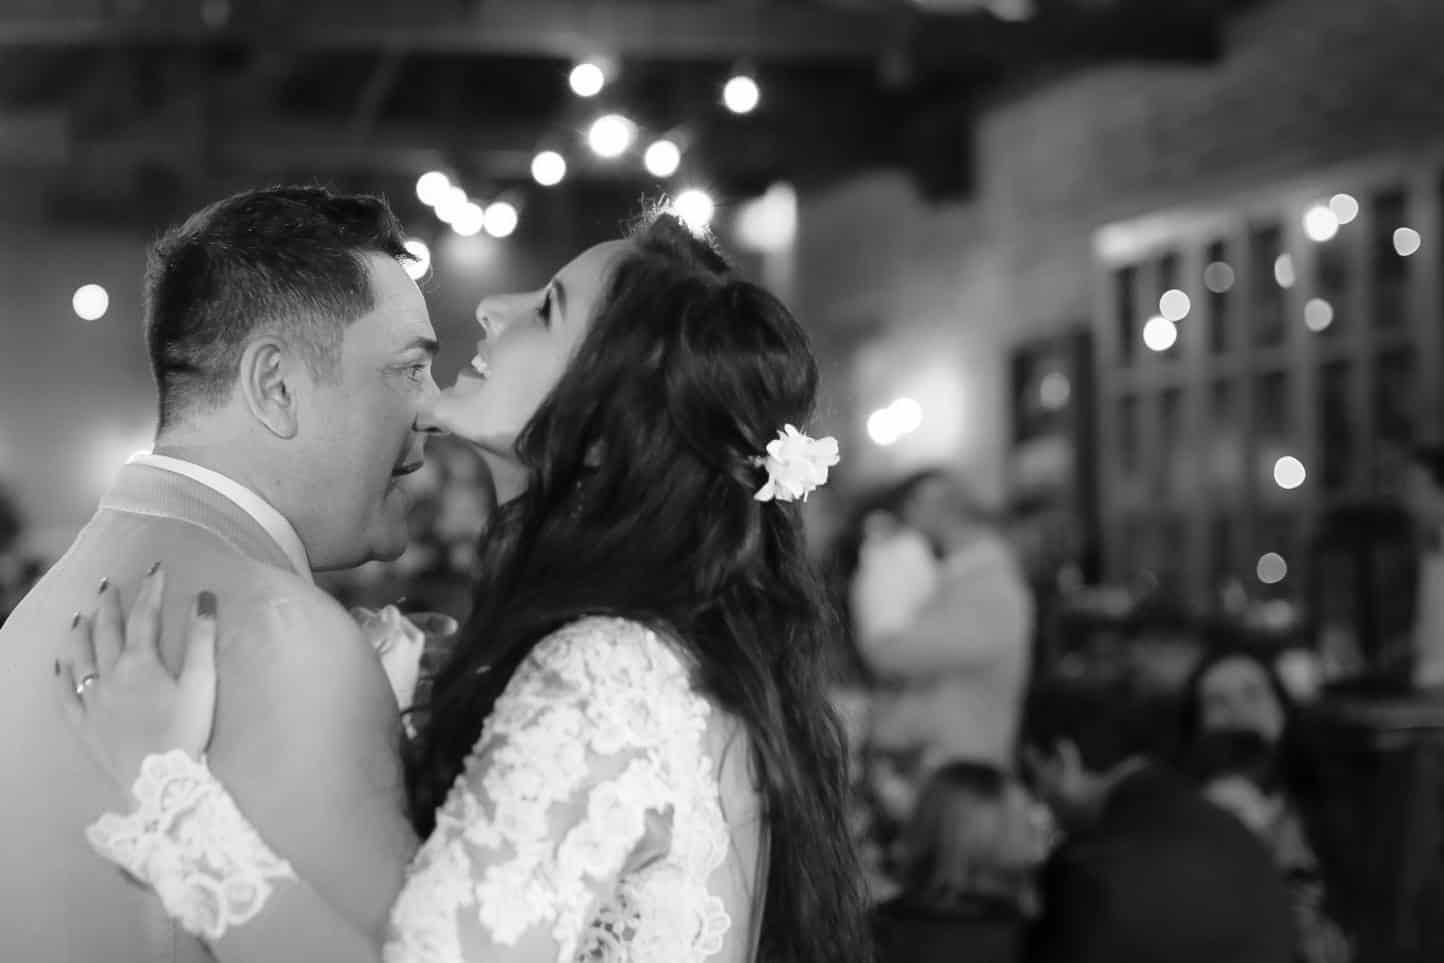 casamento-ariane-e-antonio-carlos-caseme-foto-silvia-penati-64